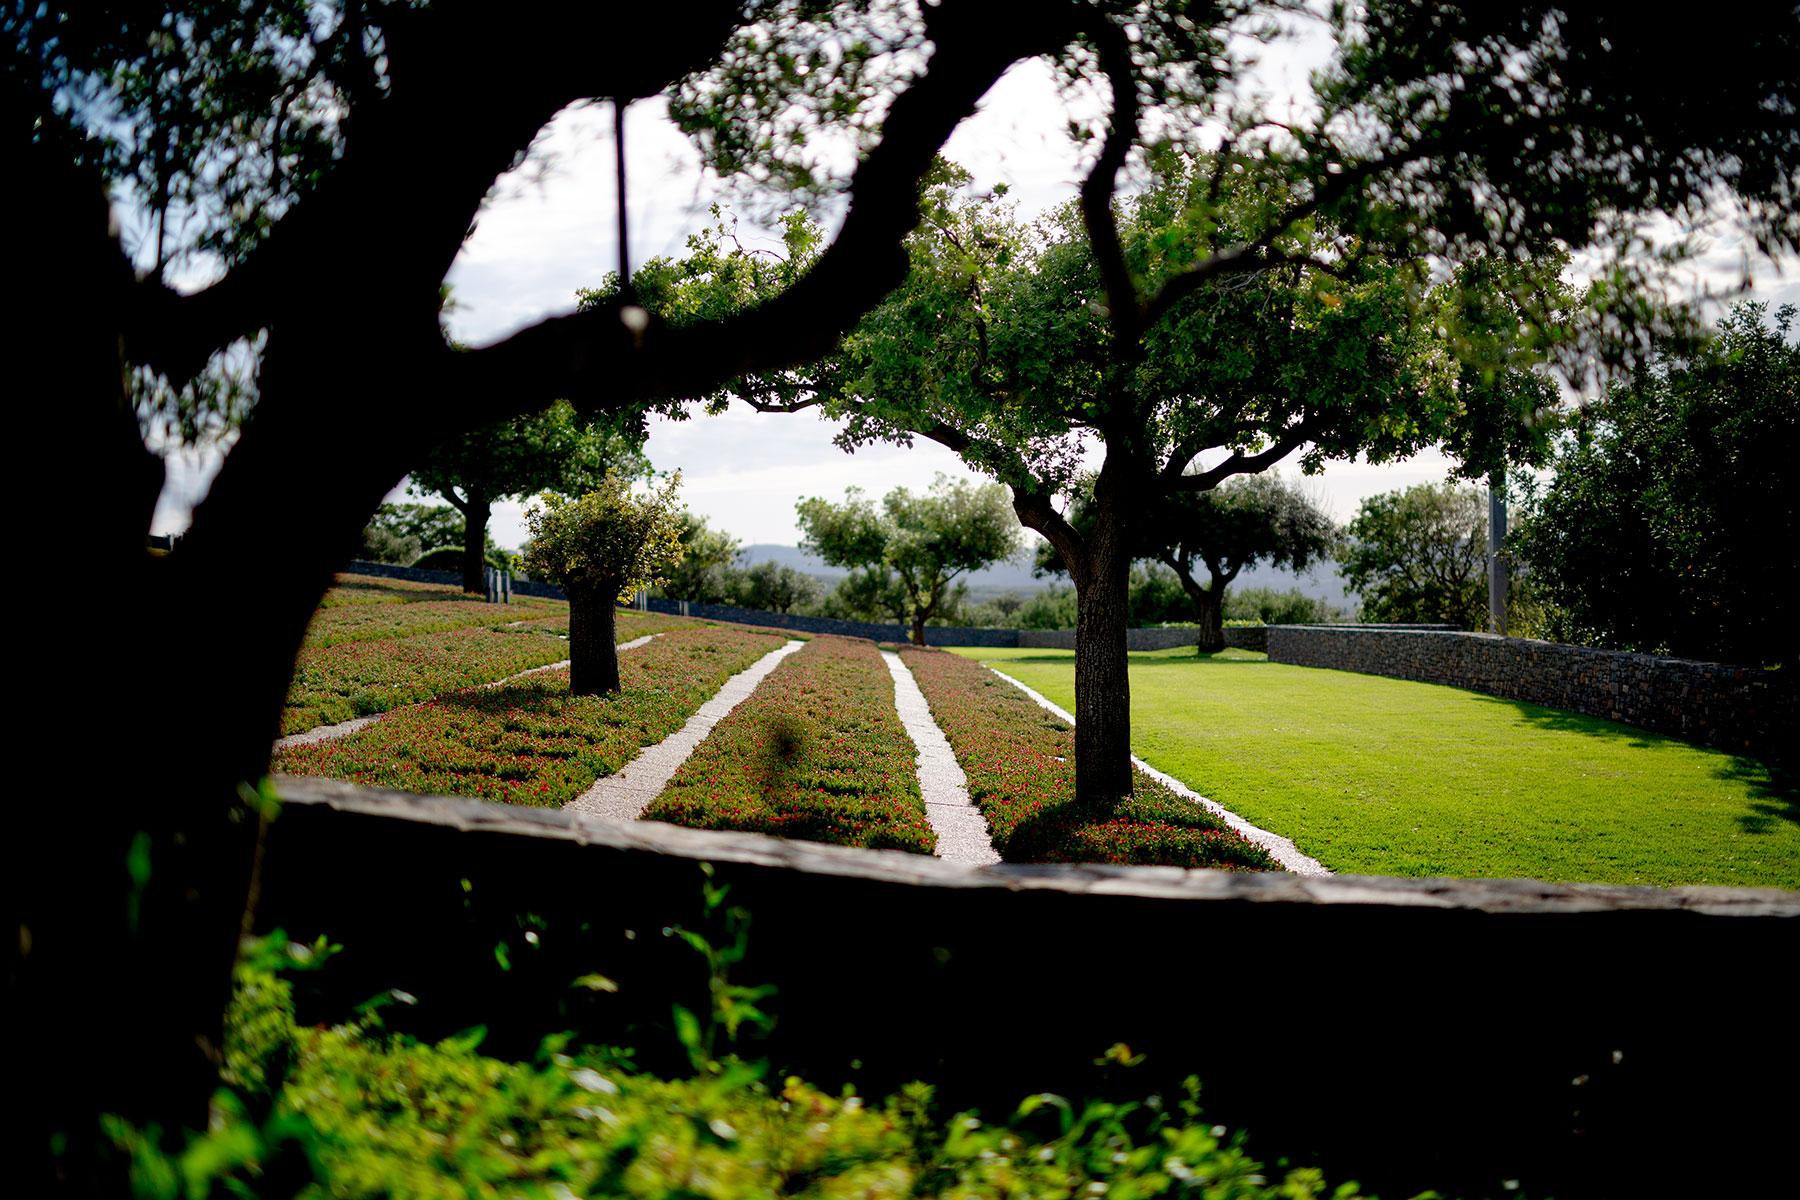 blogg-190501deutschersoldatenfriedhof18.jpg